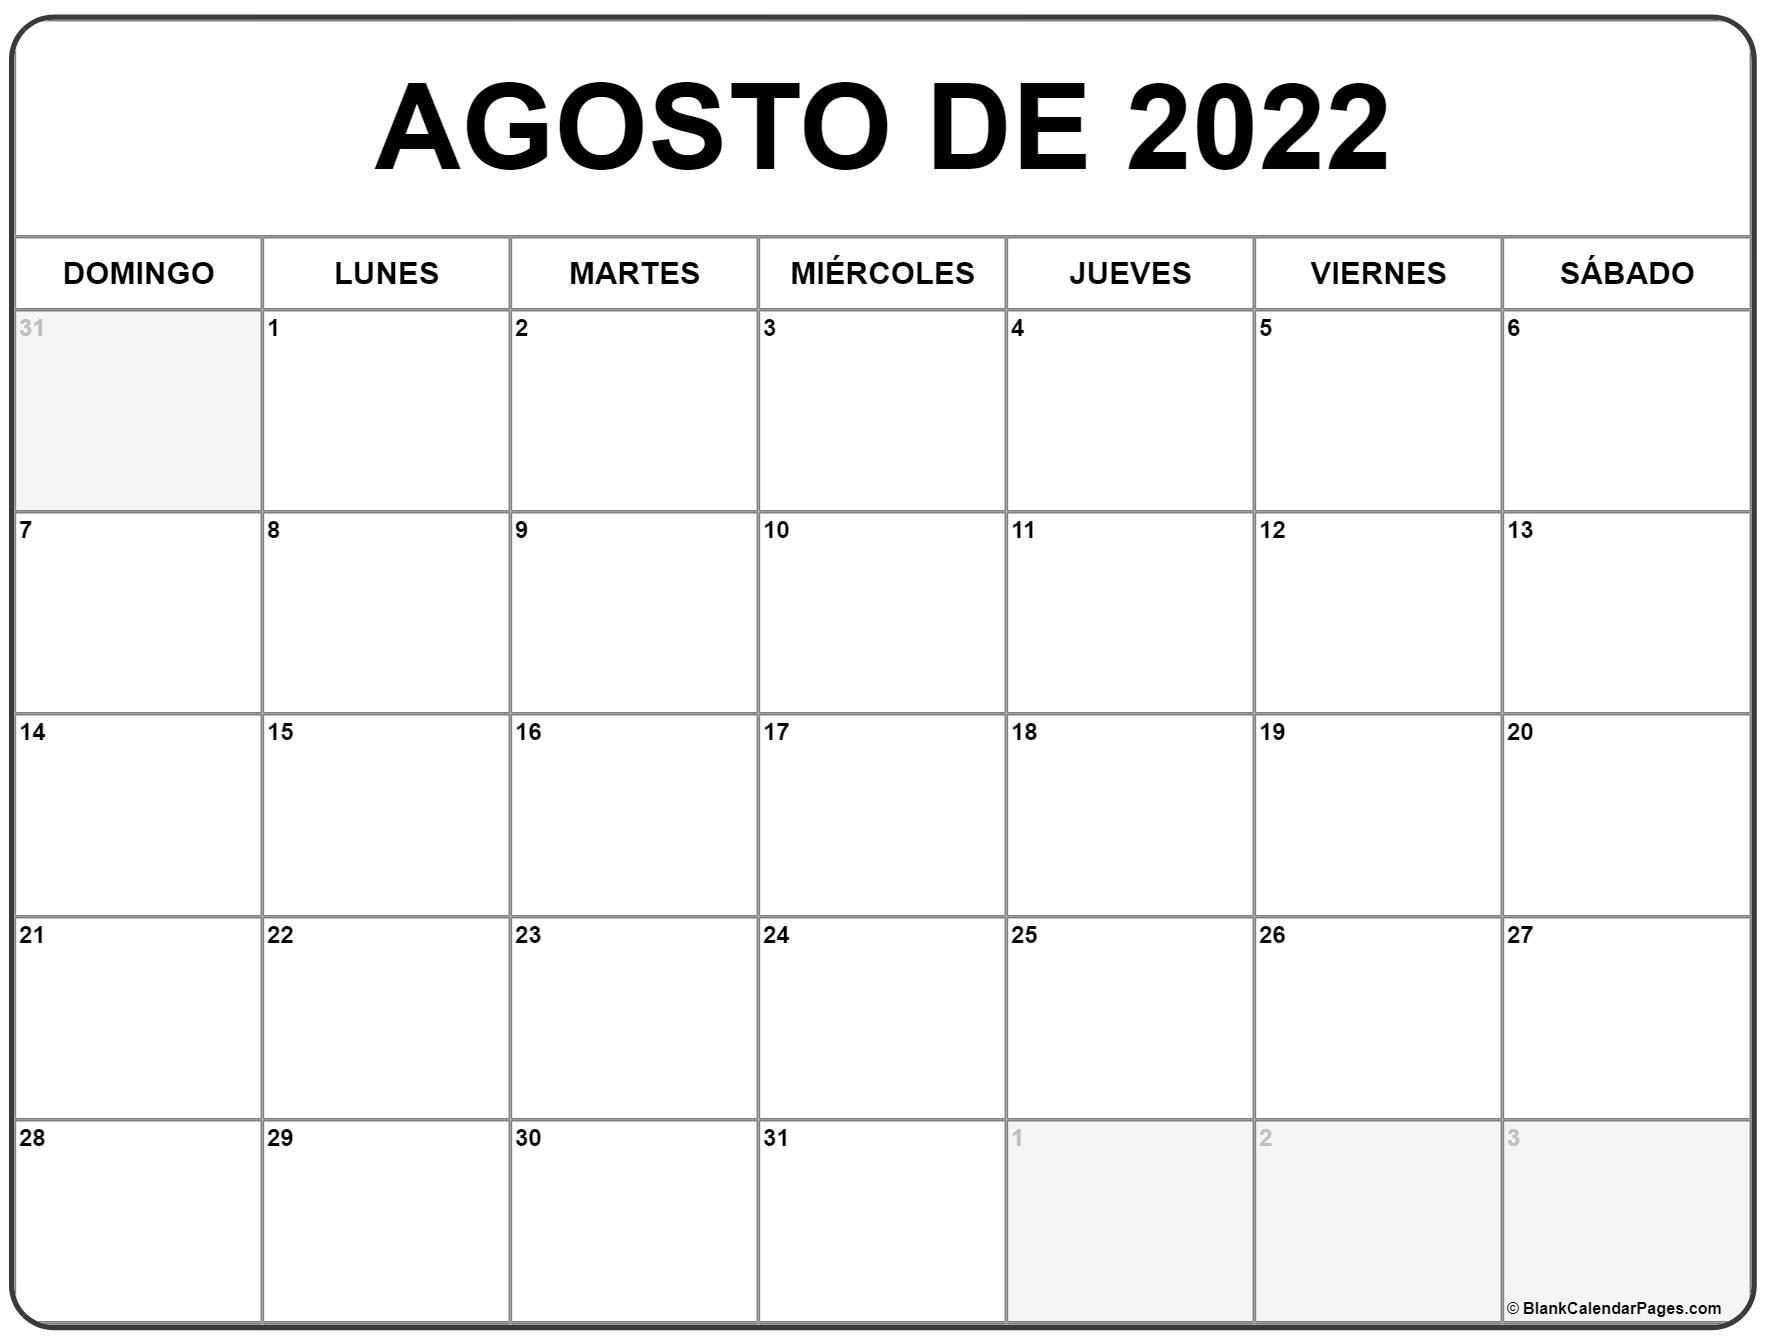 agosto de 2022 calendario gratis